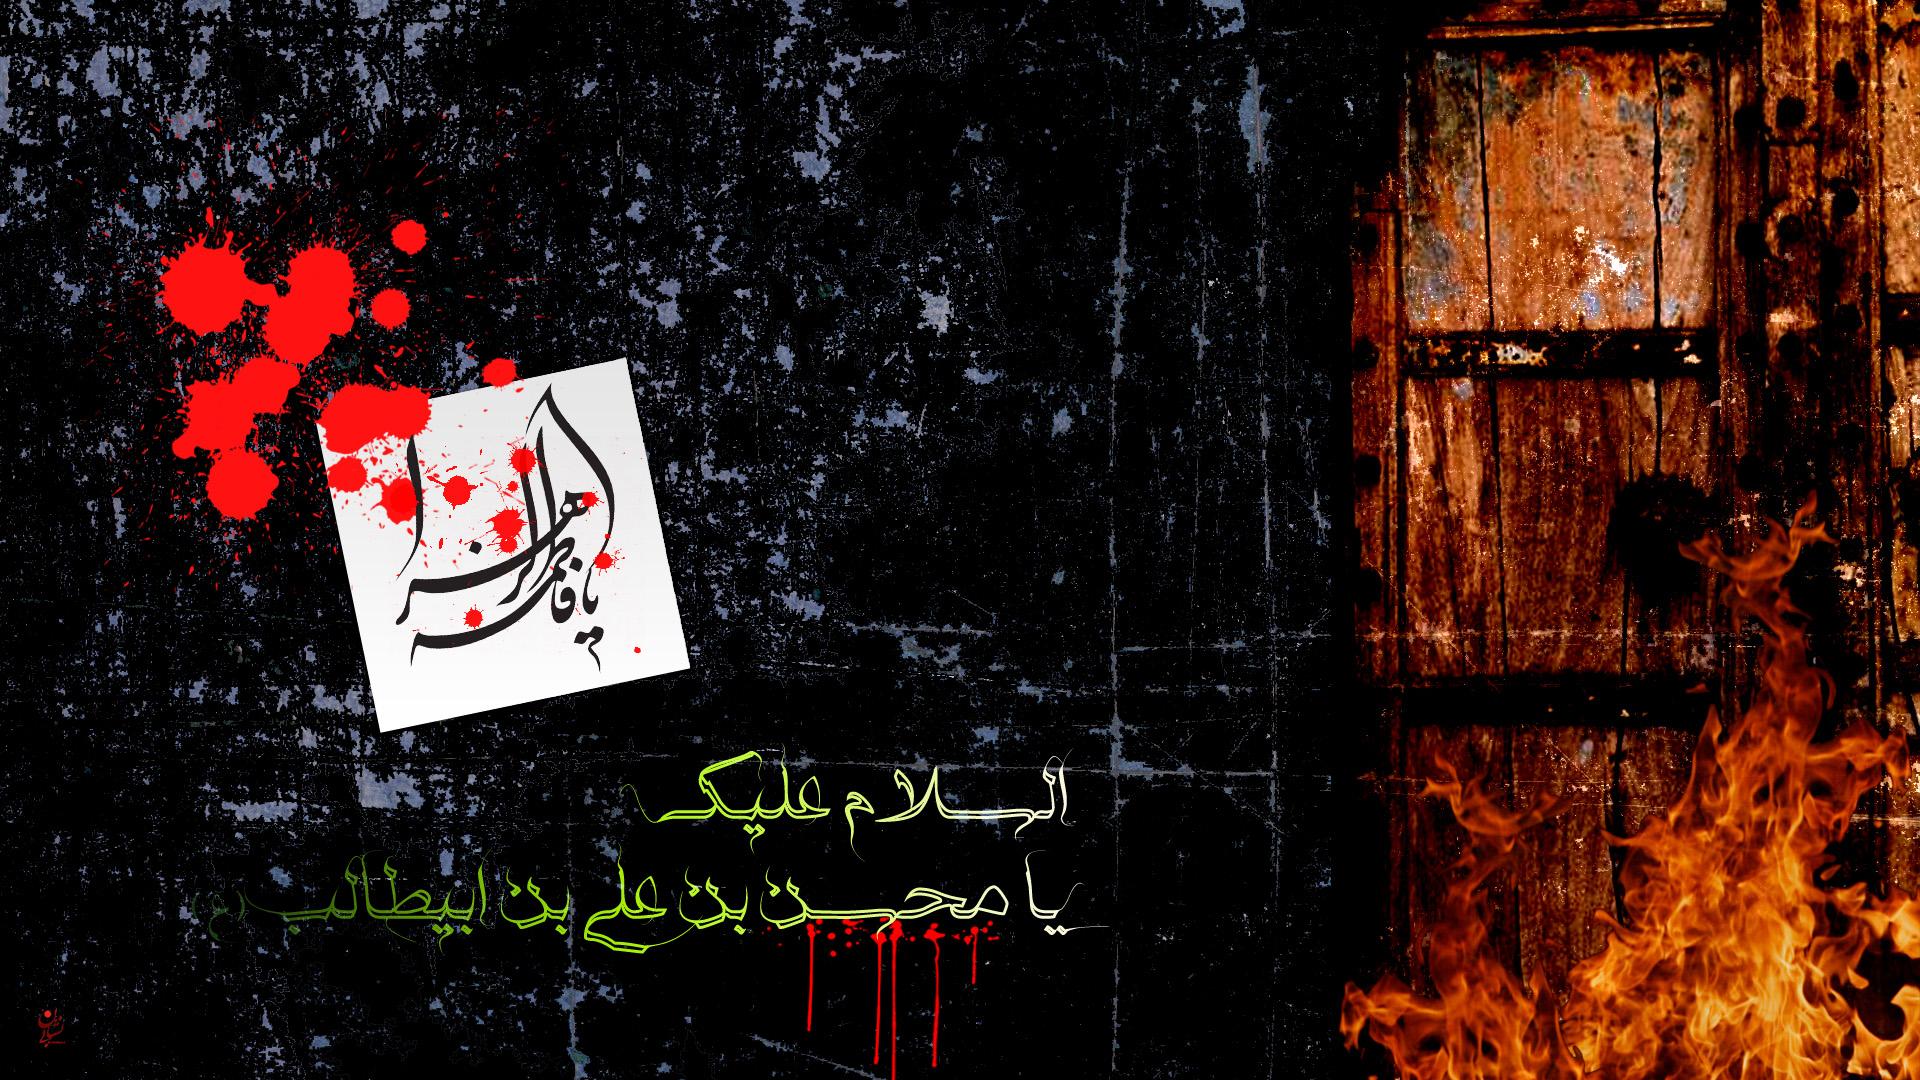 http://s5.picofile.com/file/8160552792/Fatemeh_13.jpg